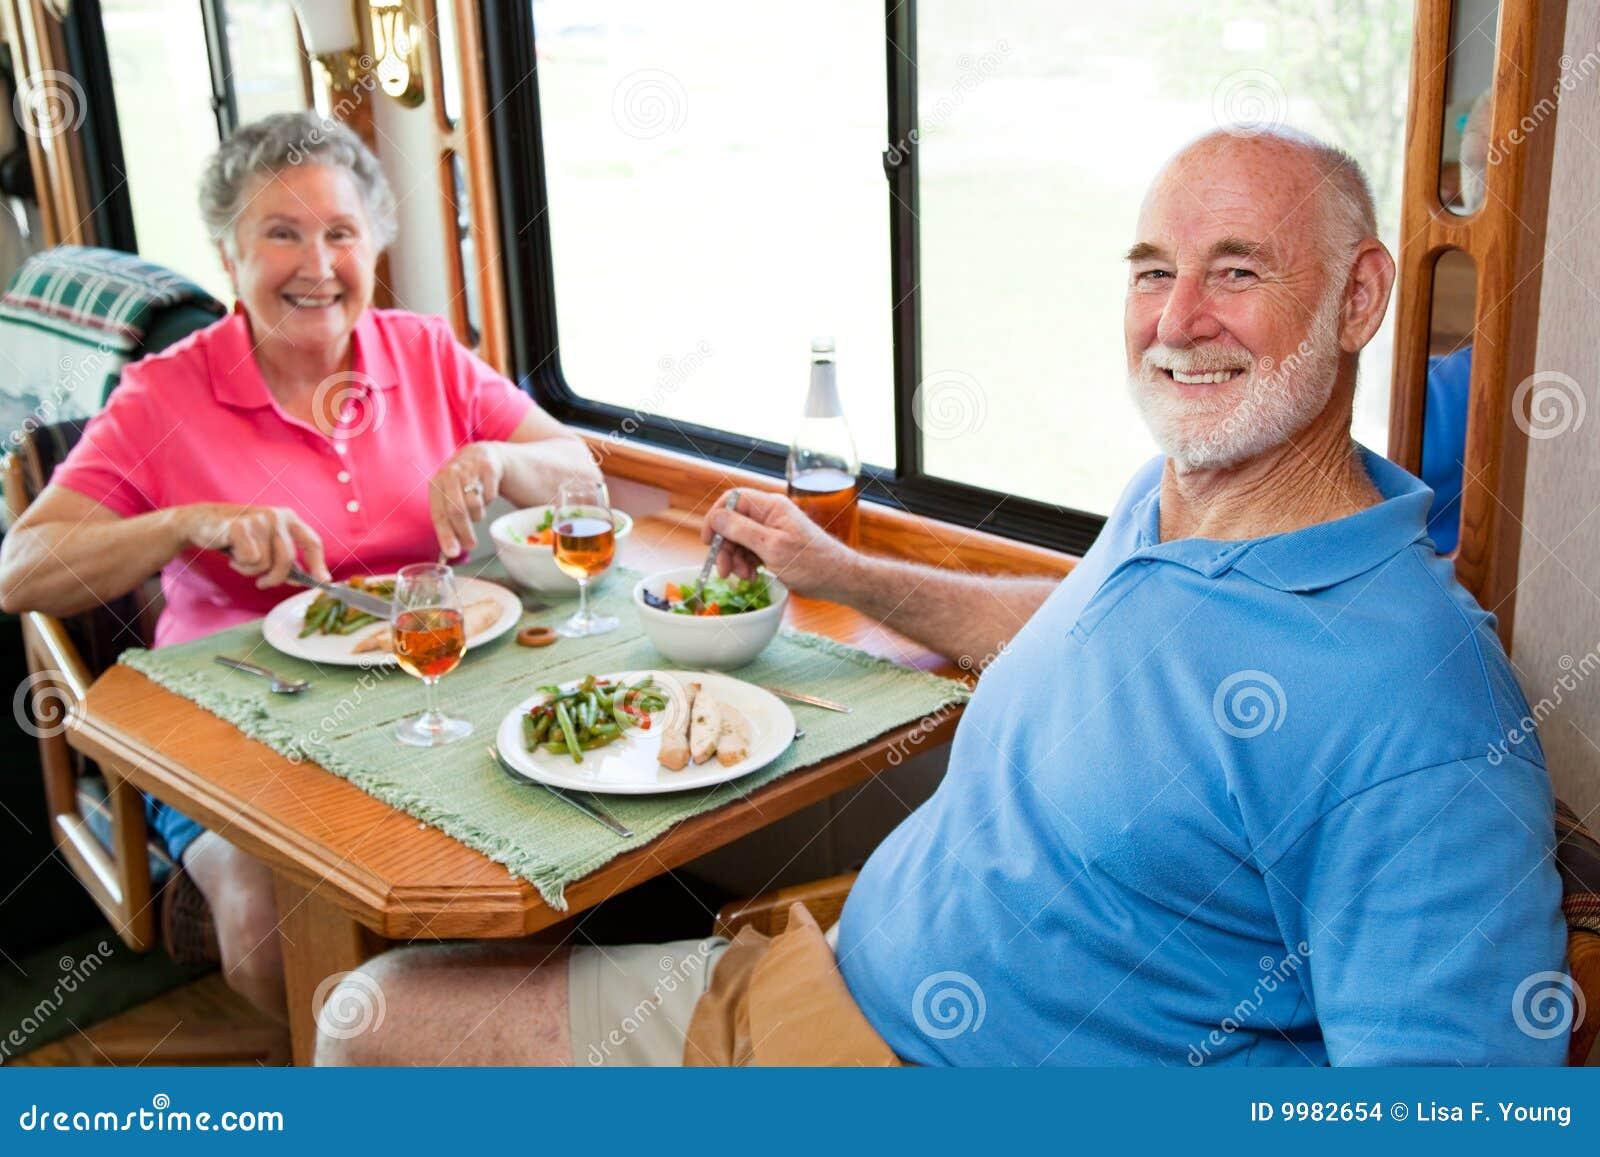 Pranzo Per Marito : Anziani di rv pranzo per due fotografia stock immagine di